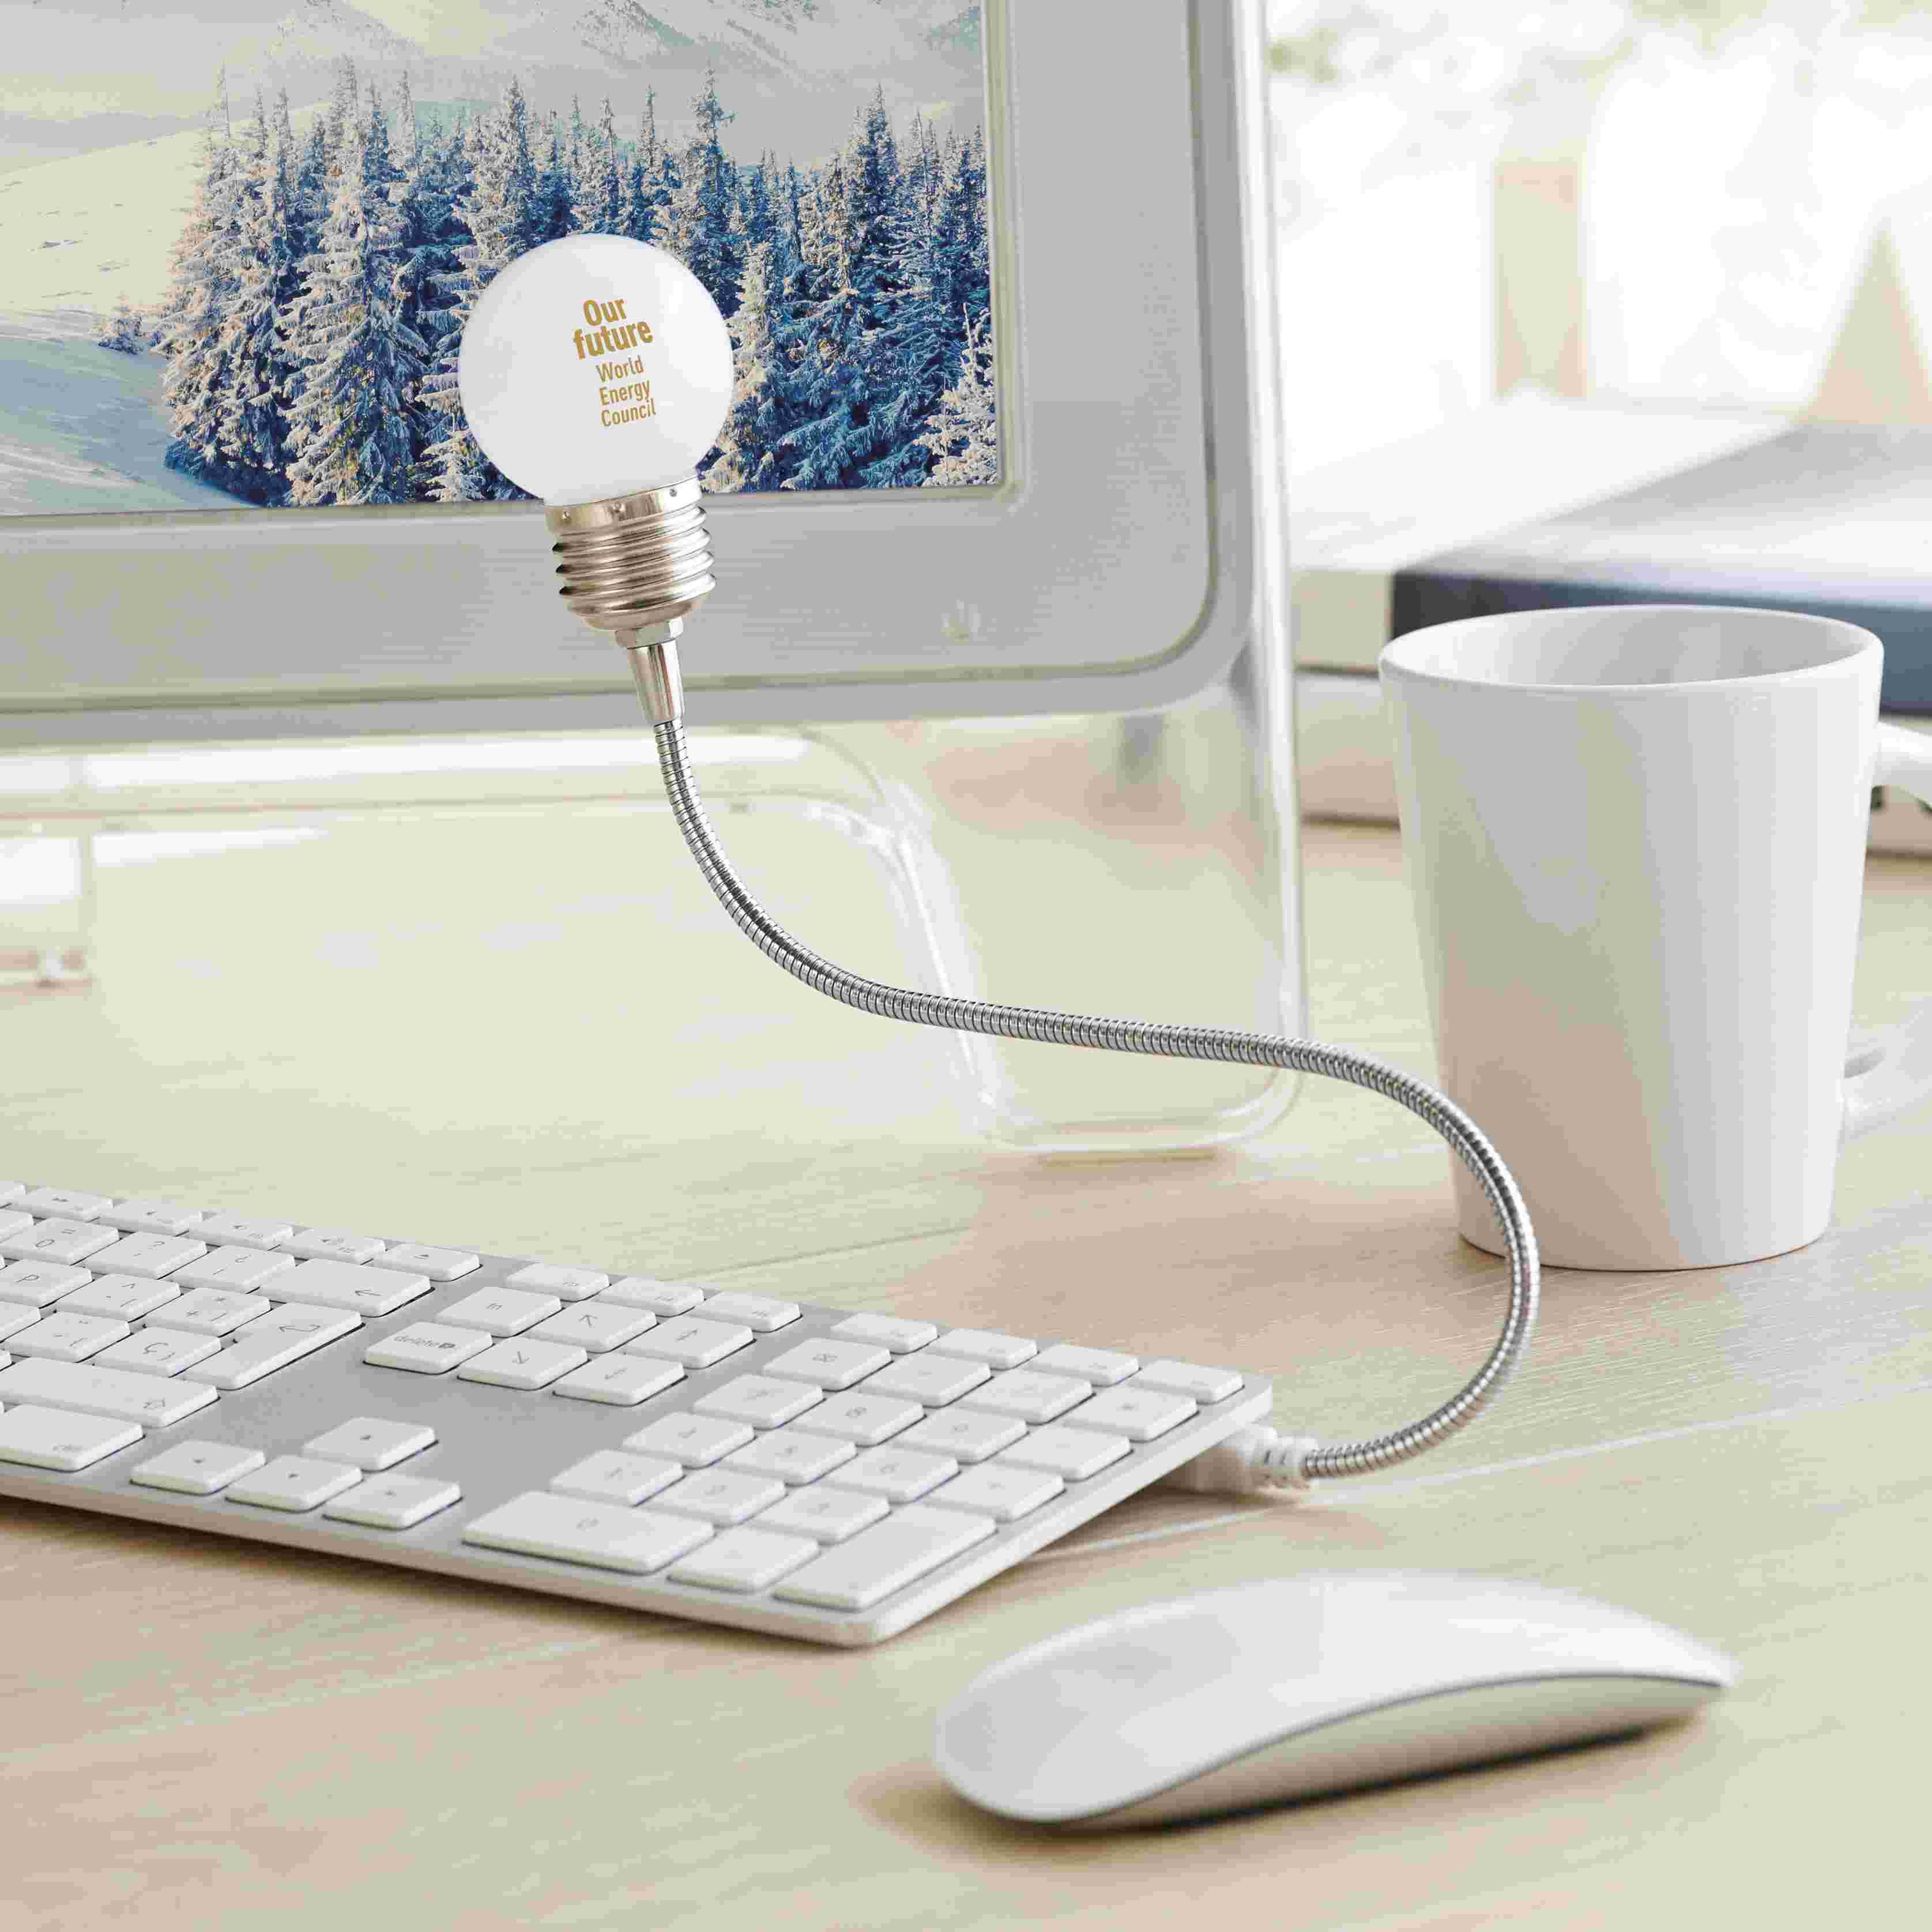 Lampe personnalisable Bulblight - cadeau publicitaire